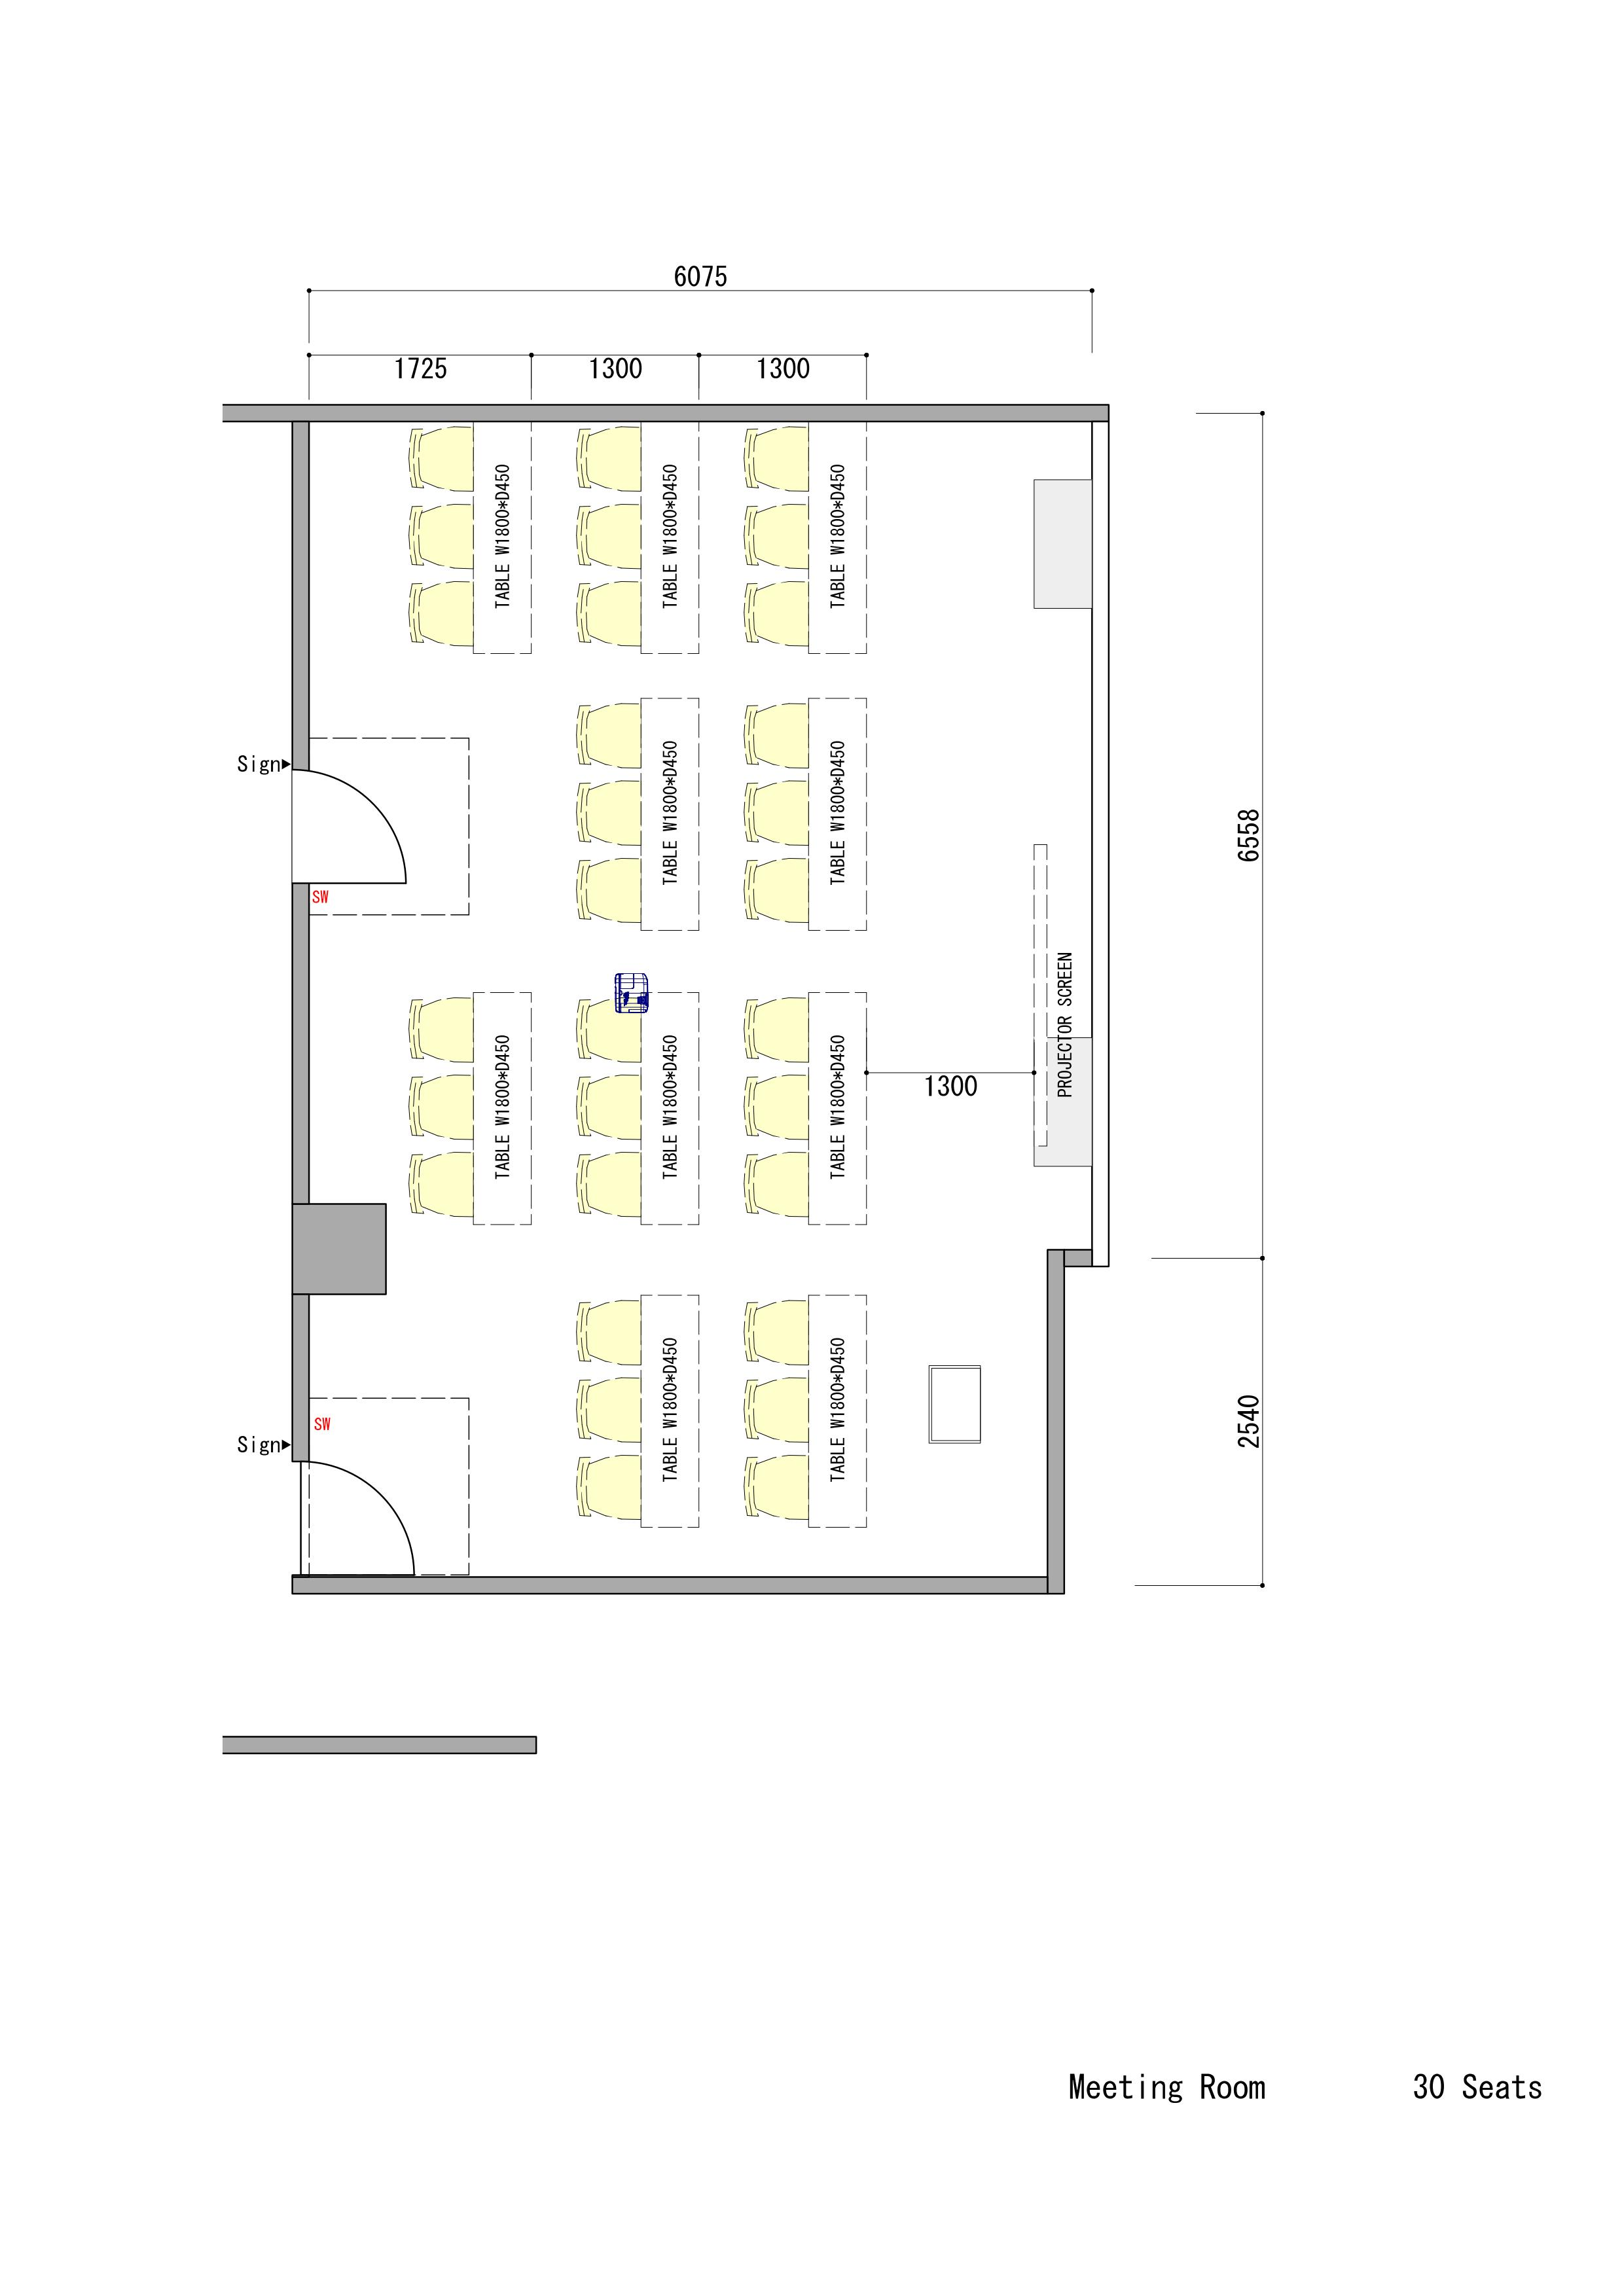 くふうの貸会議室 (ID:) 図面 TIME SHARING タイムシェアリング  スペースマネジメント あどばる adval